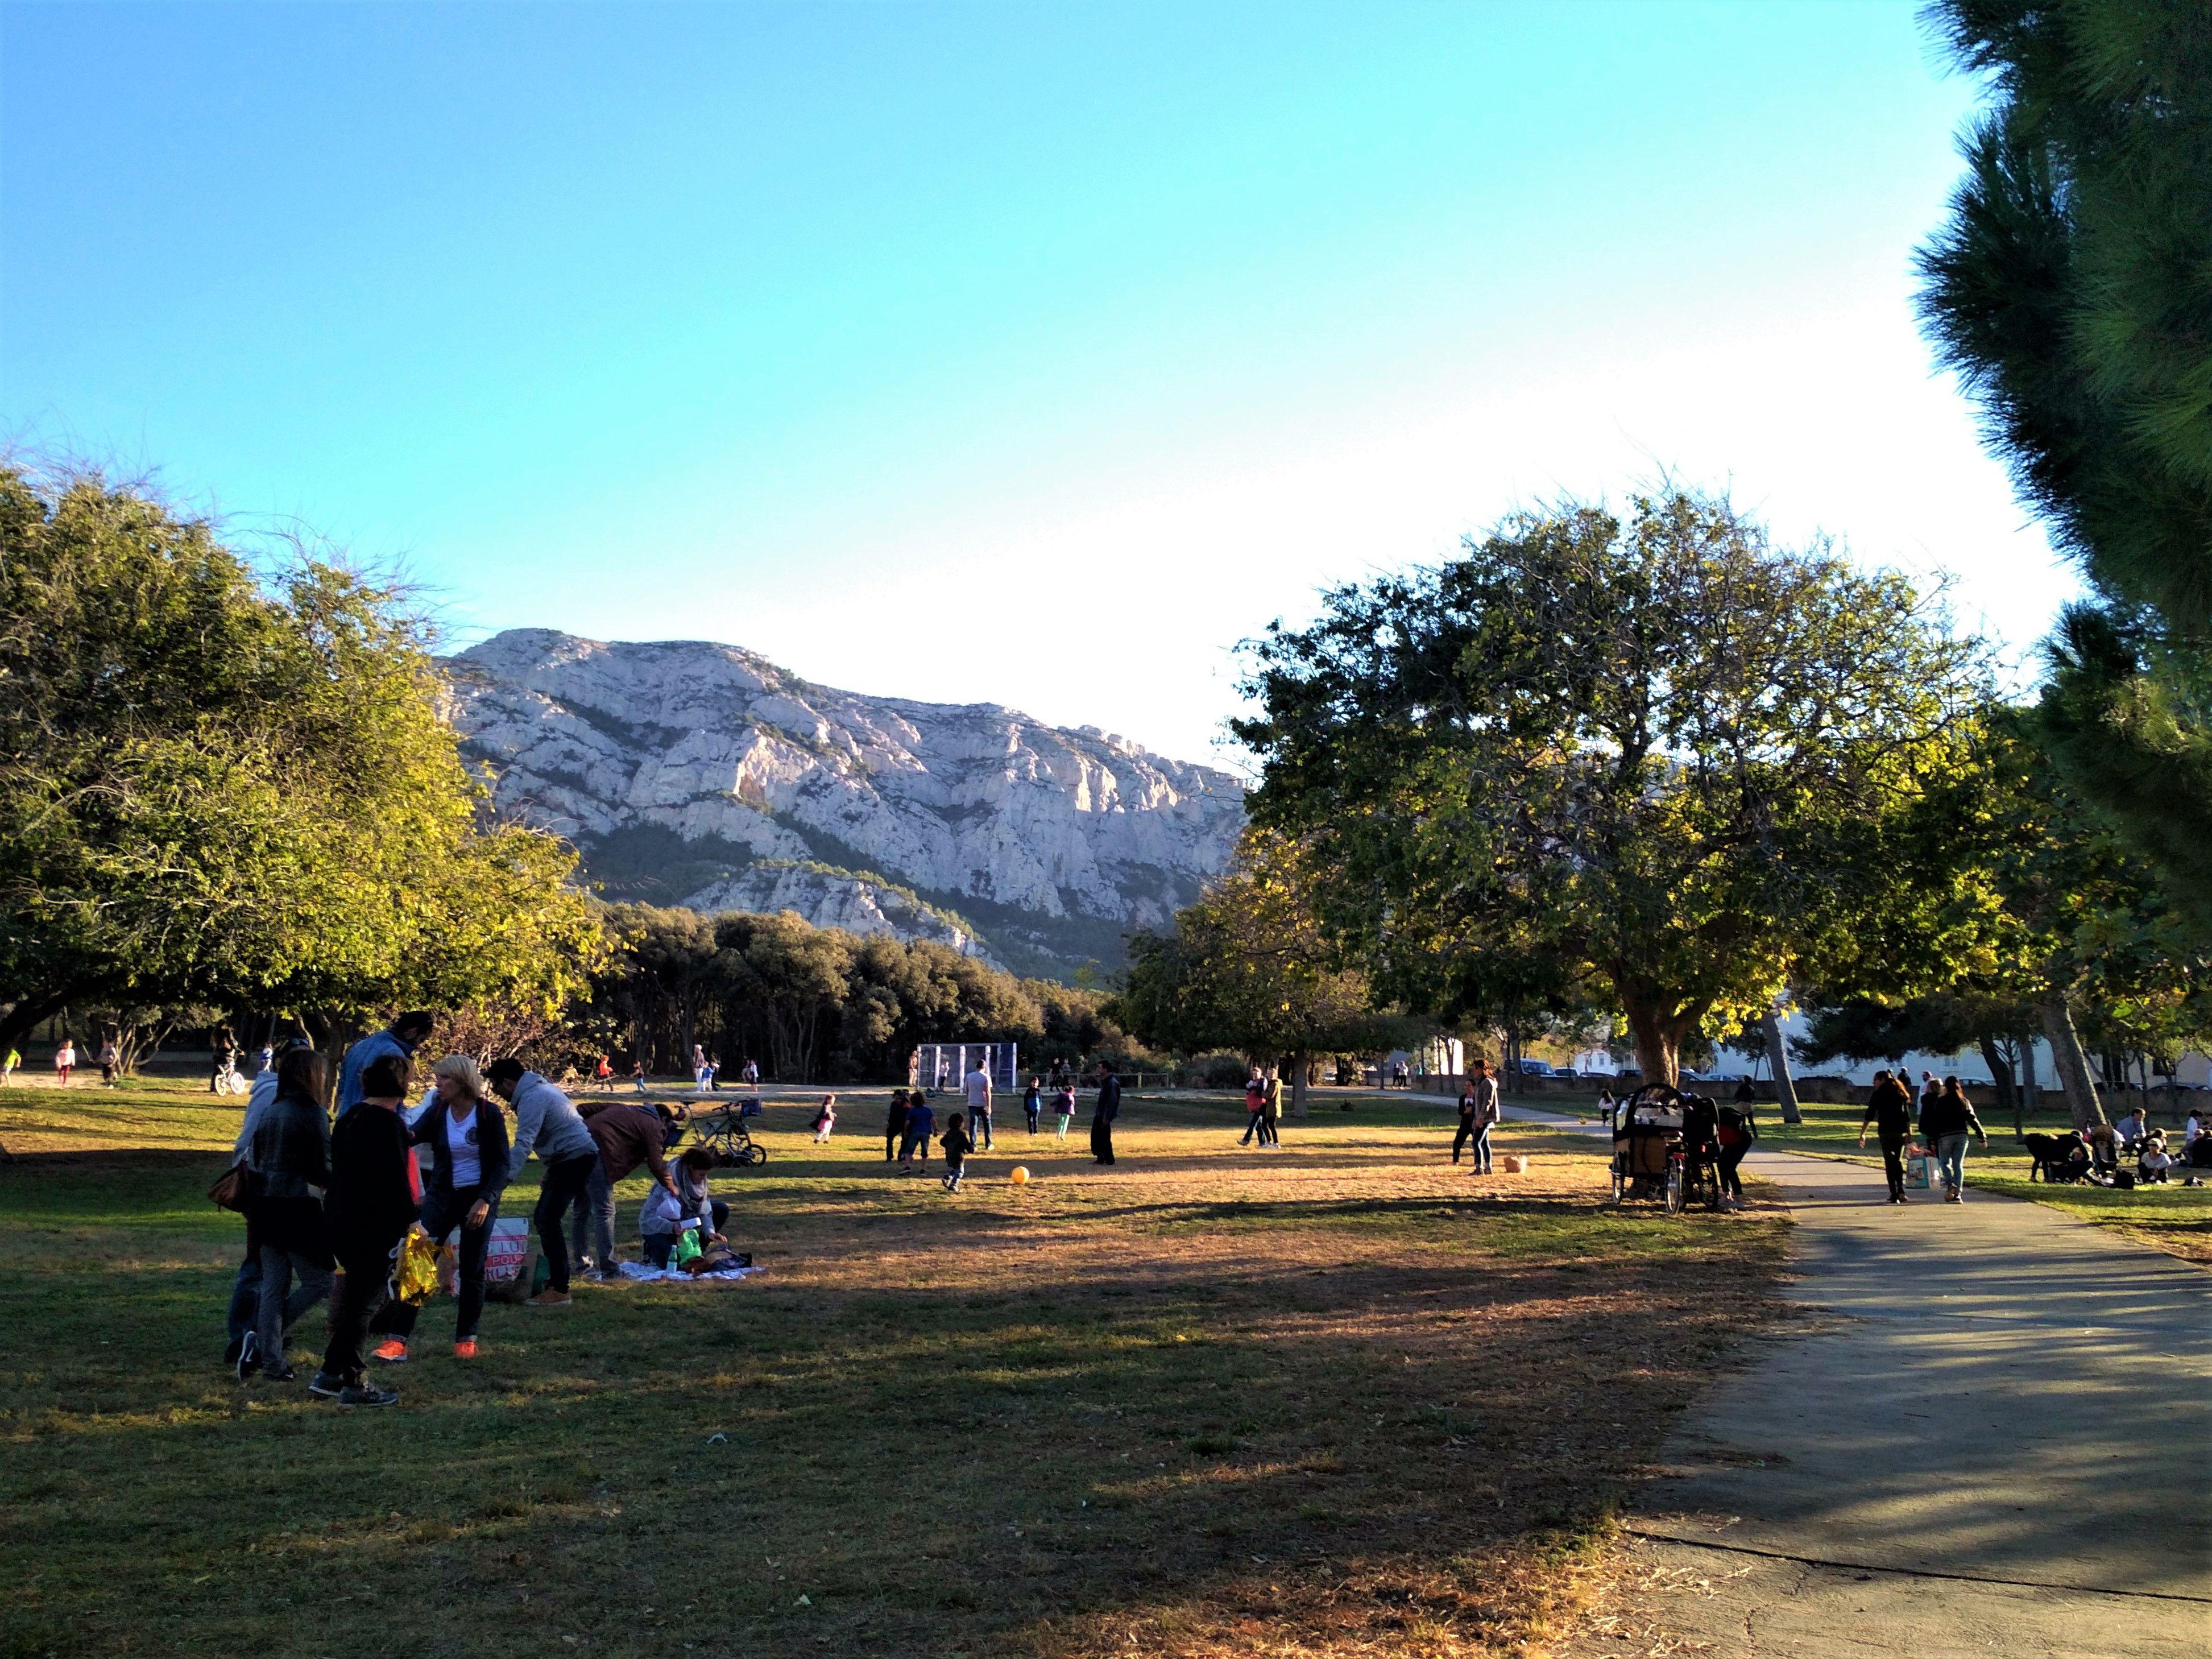 Le Parc Pastré, Marseille: All Year